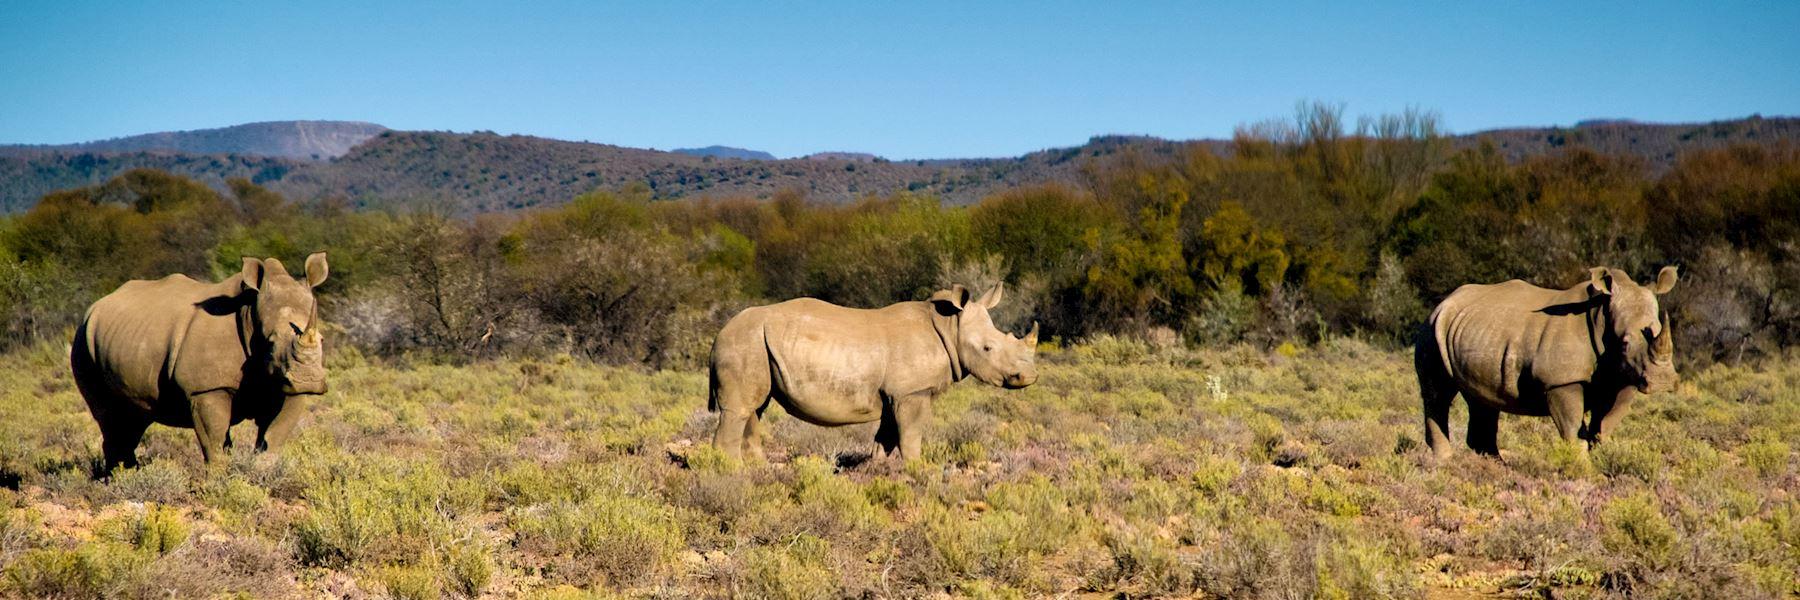 Visit Sanbona Game Reserve, South Africa